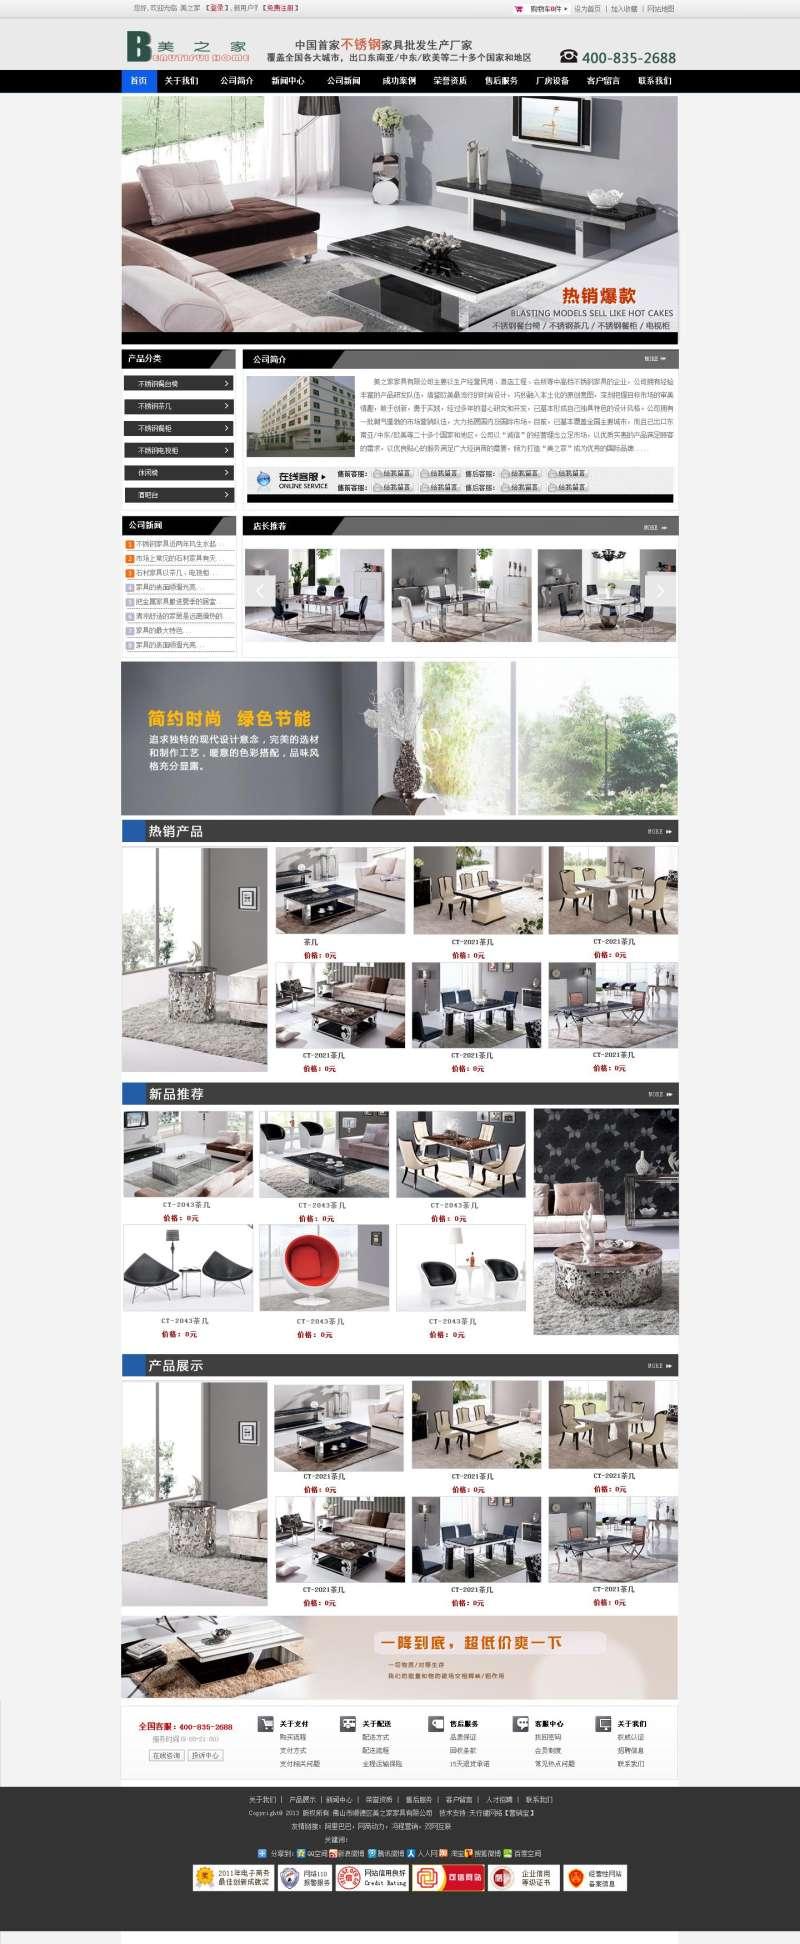 家居用品企业型商城网站模板psd分层素材下载